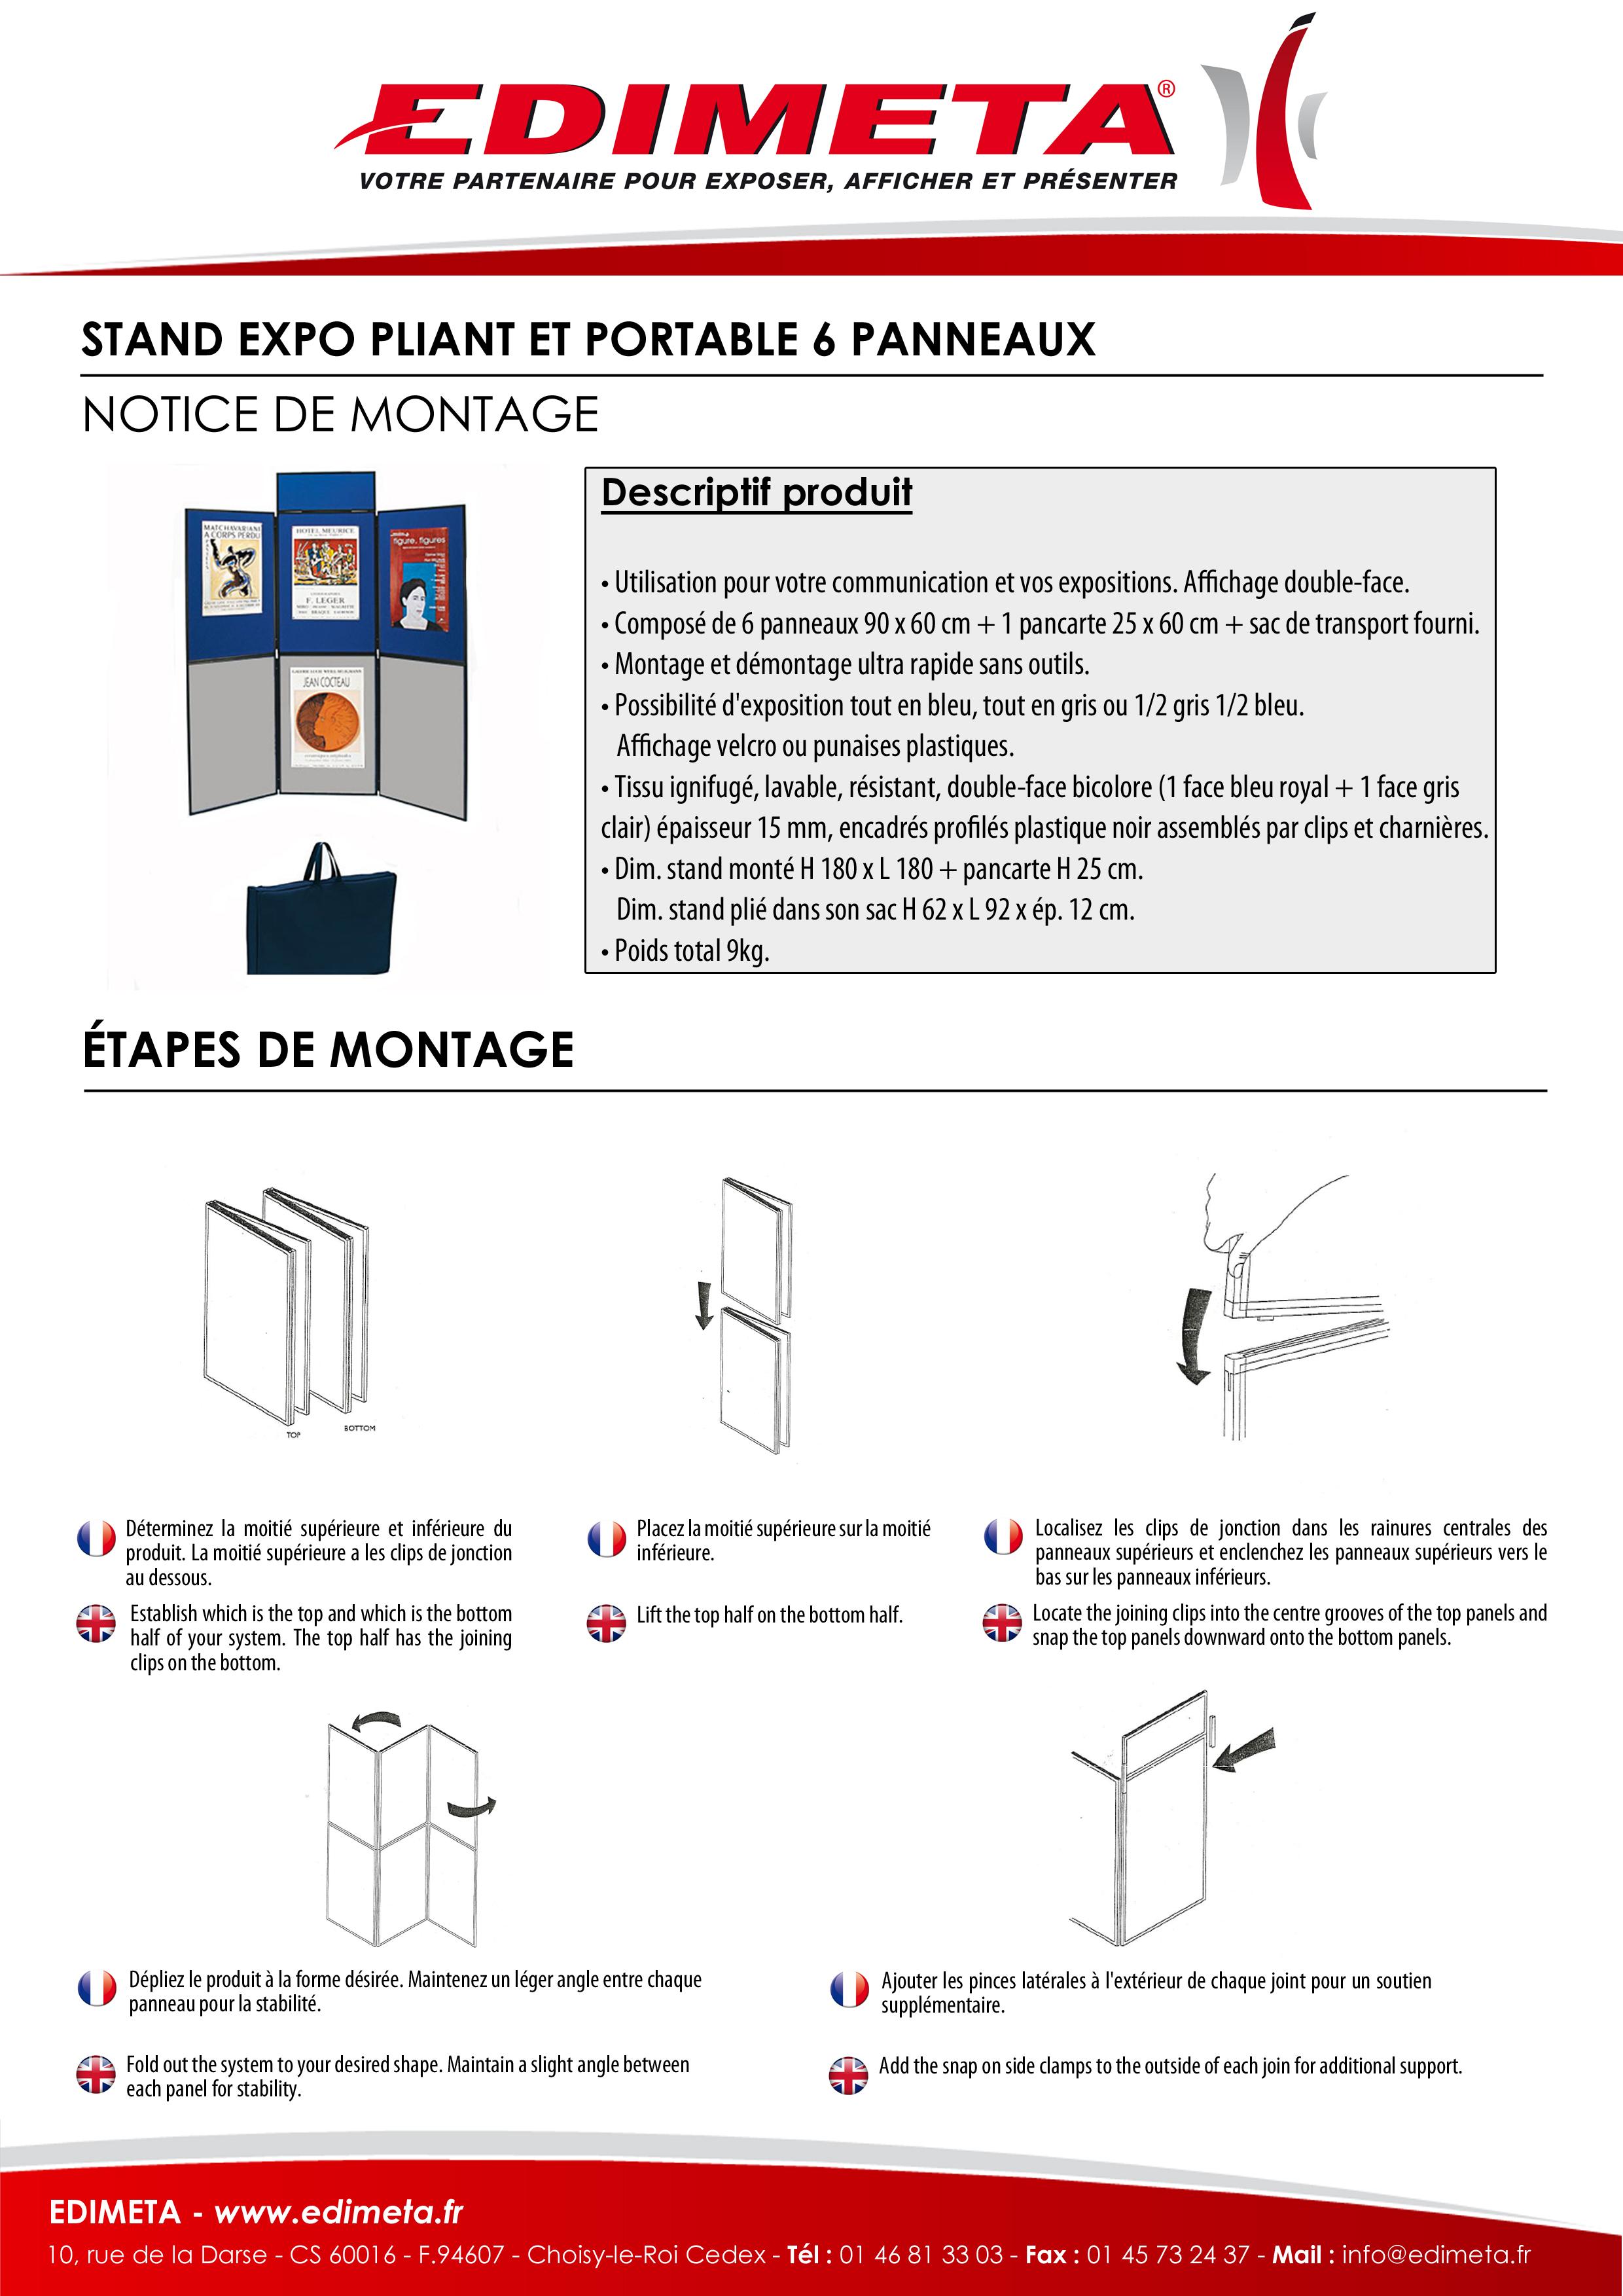 NOTICE DE MONTAGE : STAND EXPO PLIANT ET PORTABLE 6 PANNEAUX